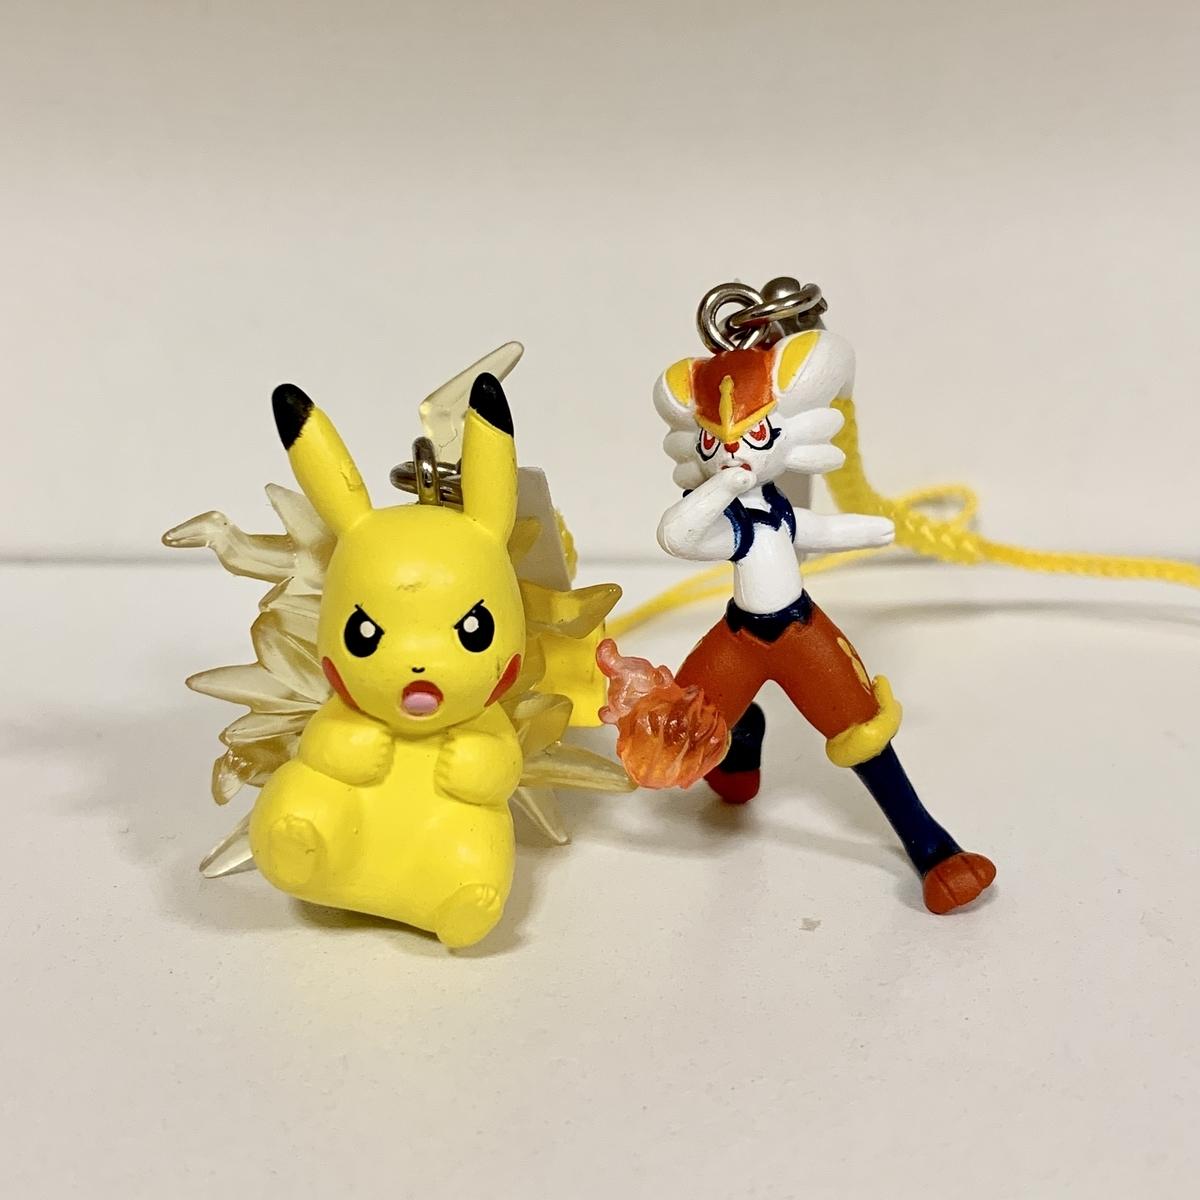 f:id:pikachu_pcn:20210502200845j:plain